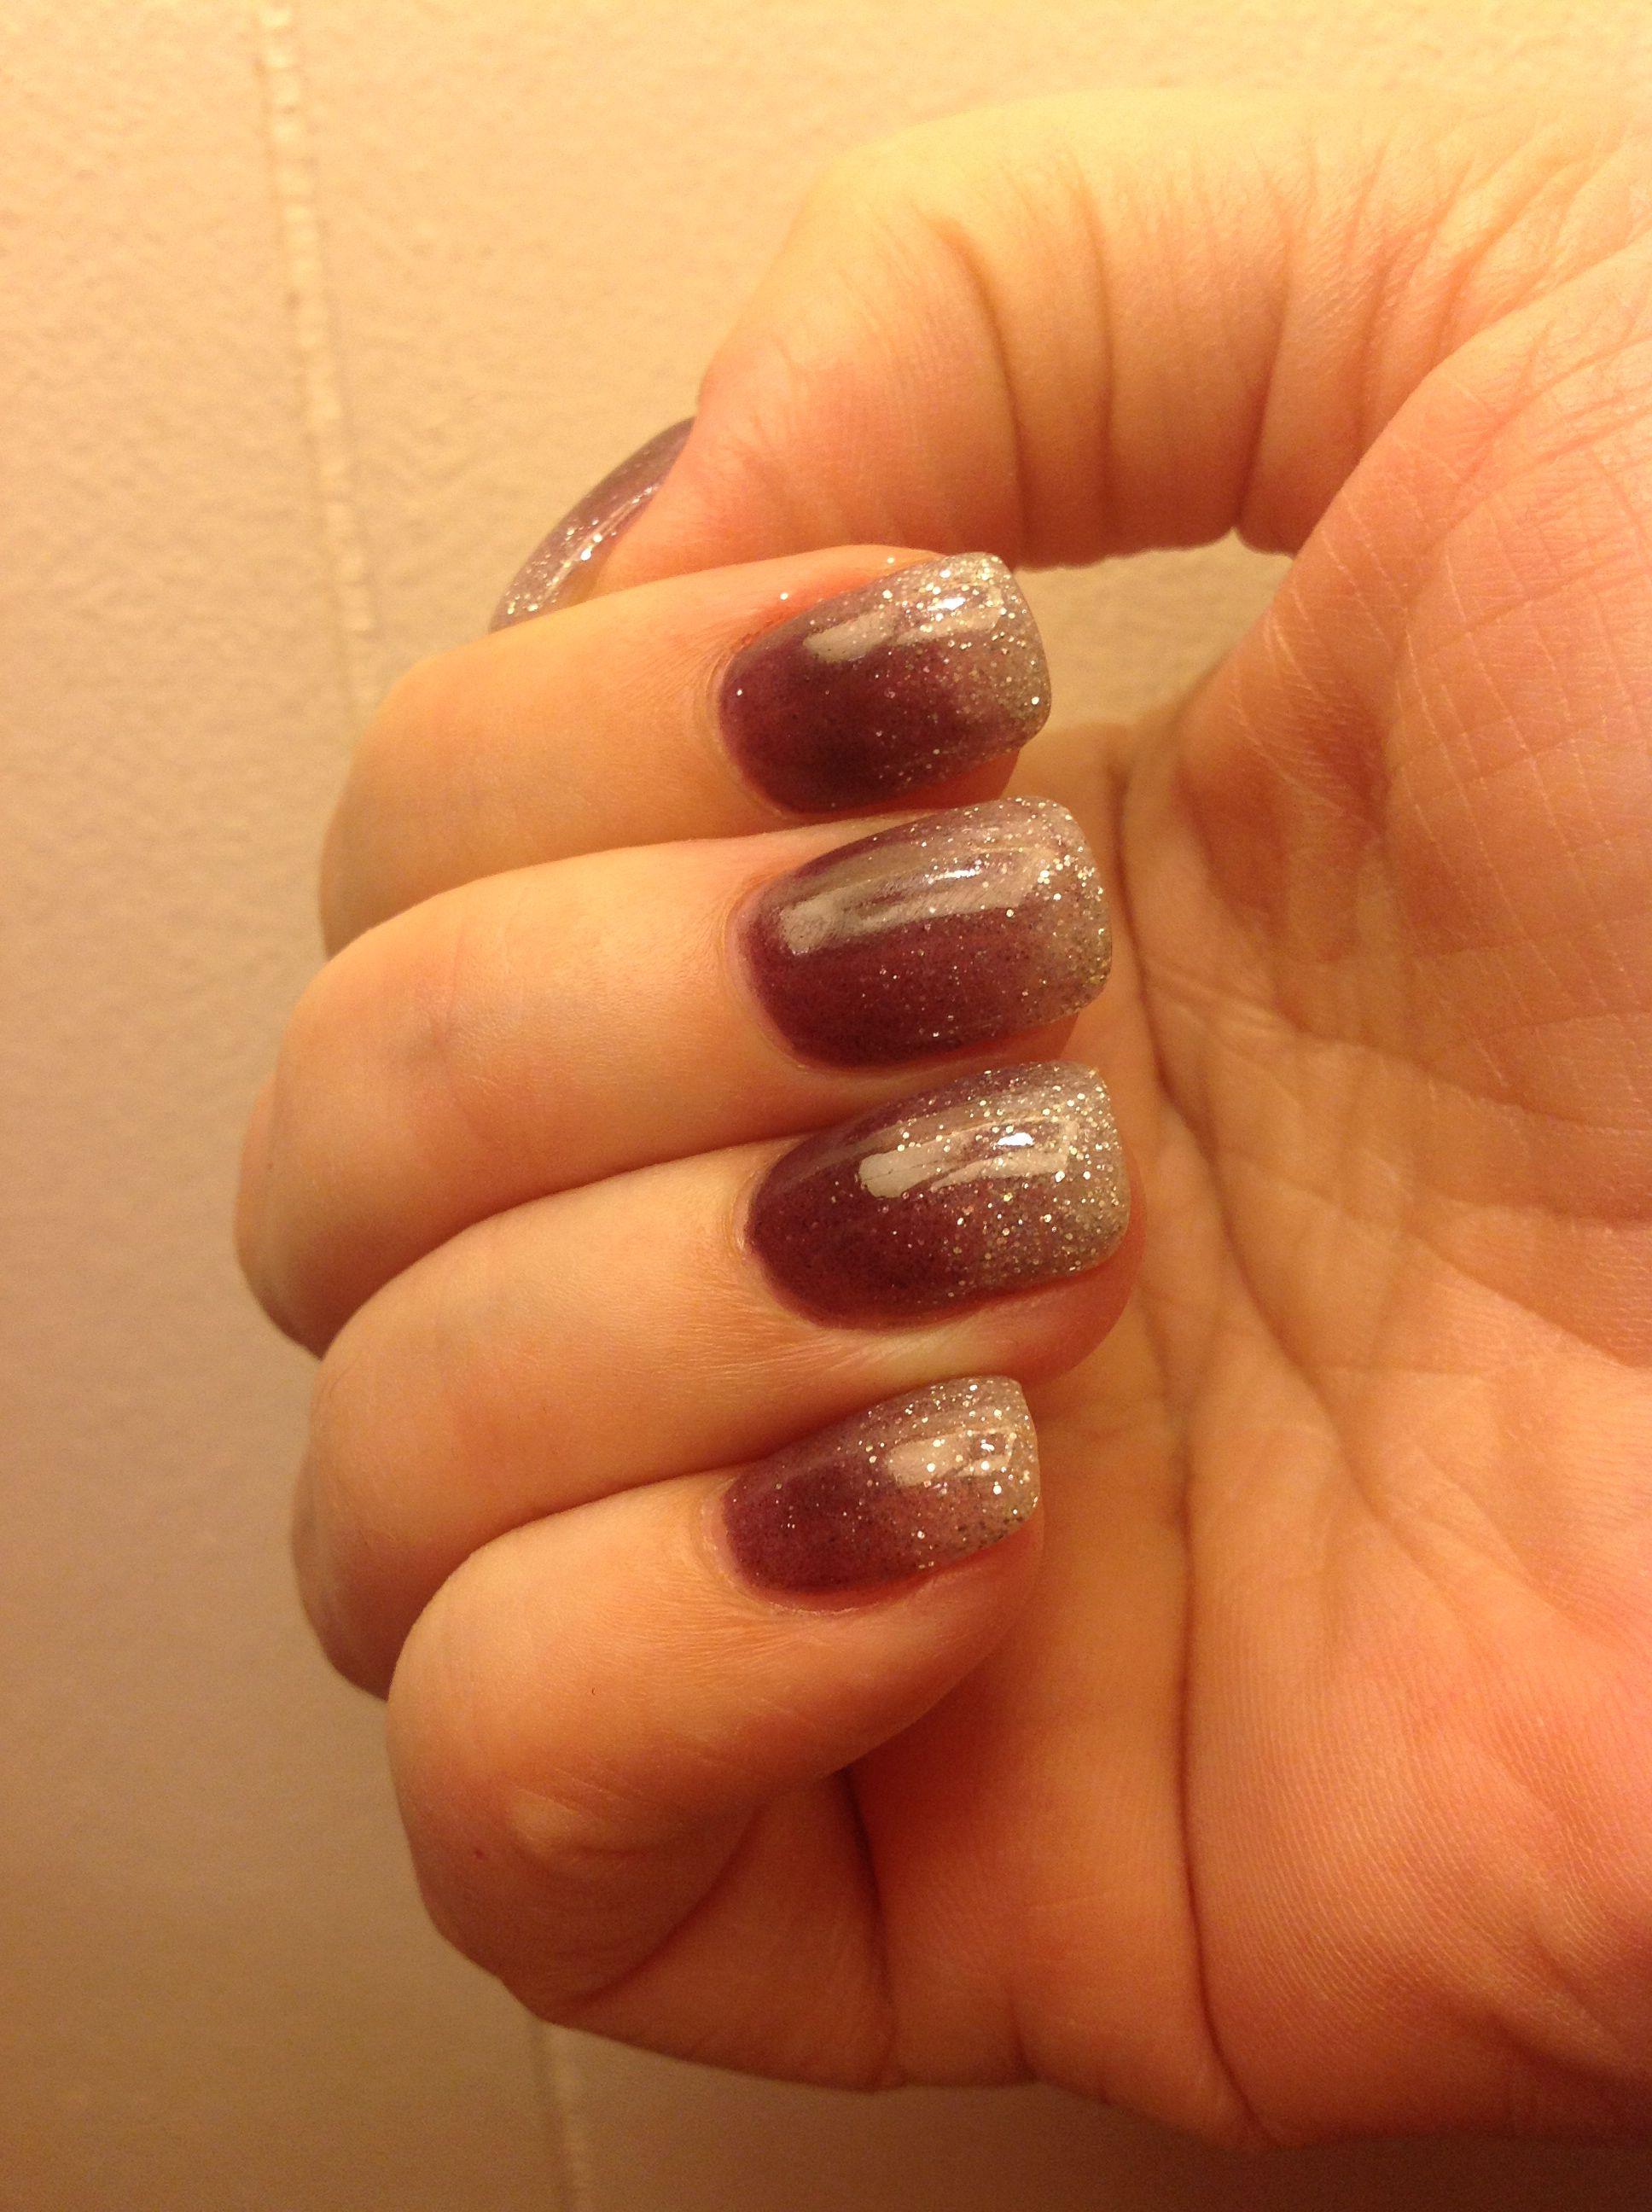 Sns Kb 2 104 Sparkle Ombre Sns Nails Colors Ombre Nails Glitter Sns Nails Designs